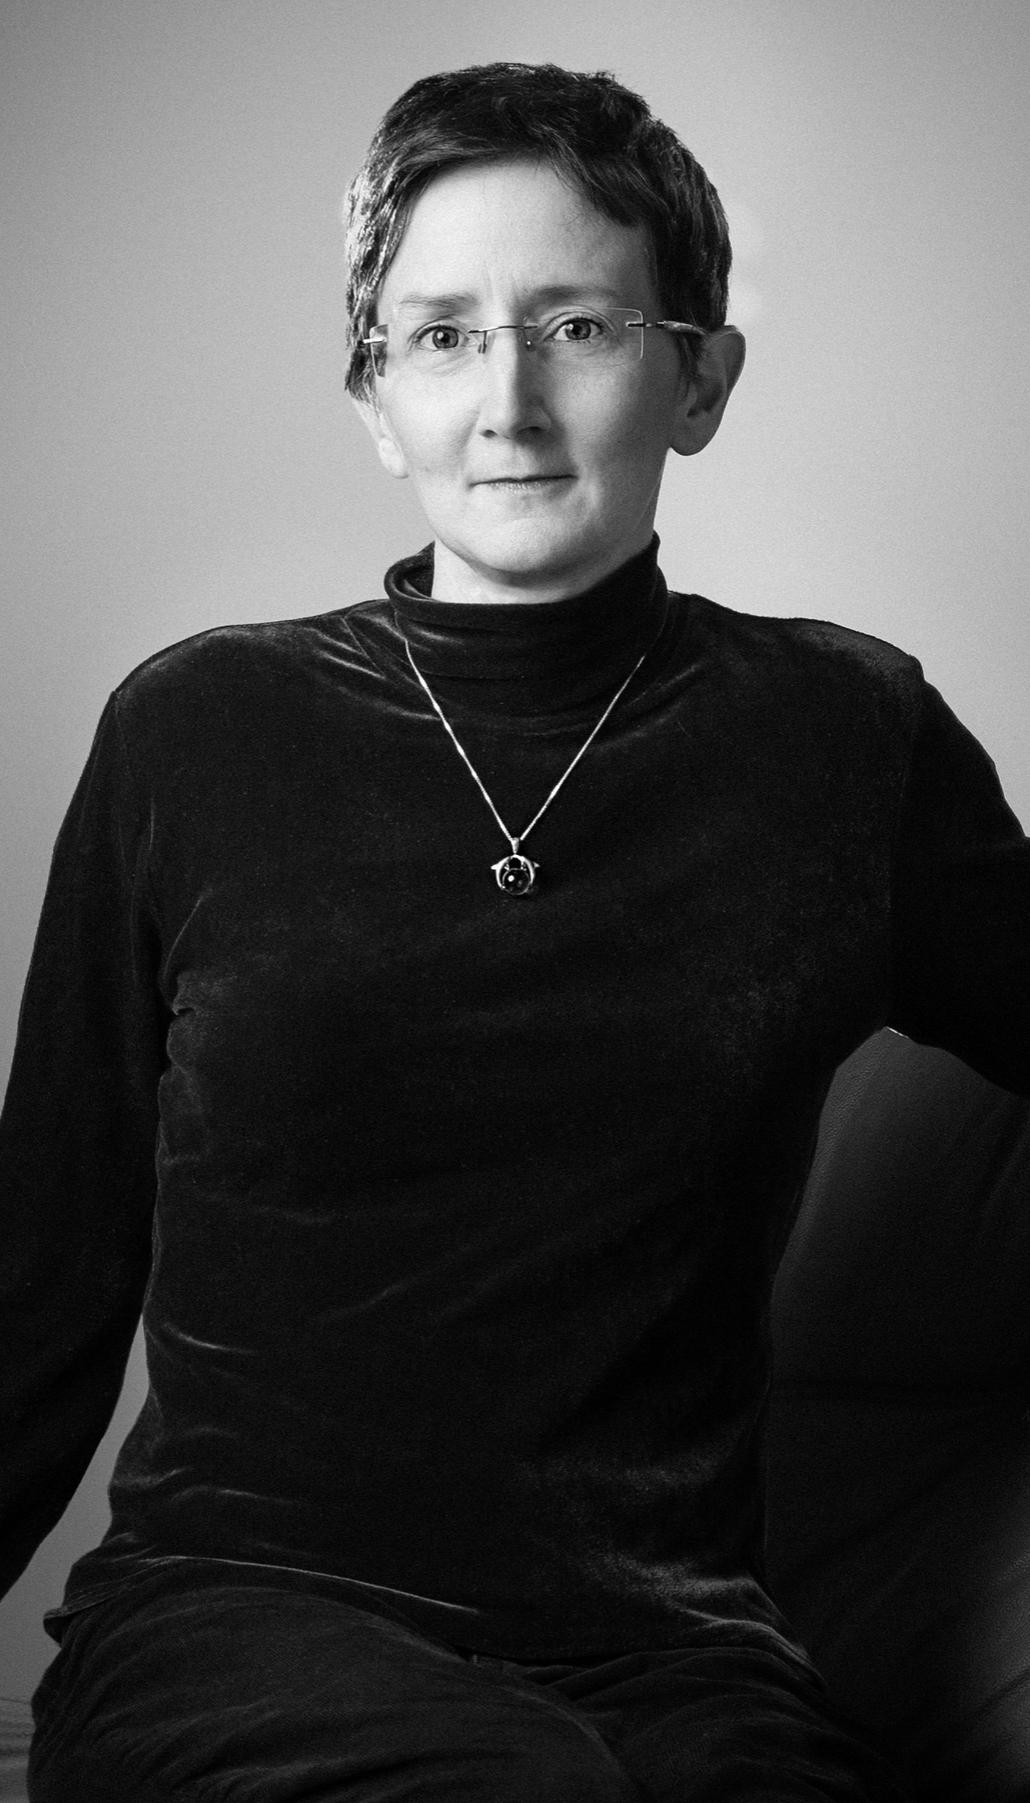 Miranda McEvilly